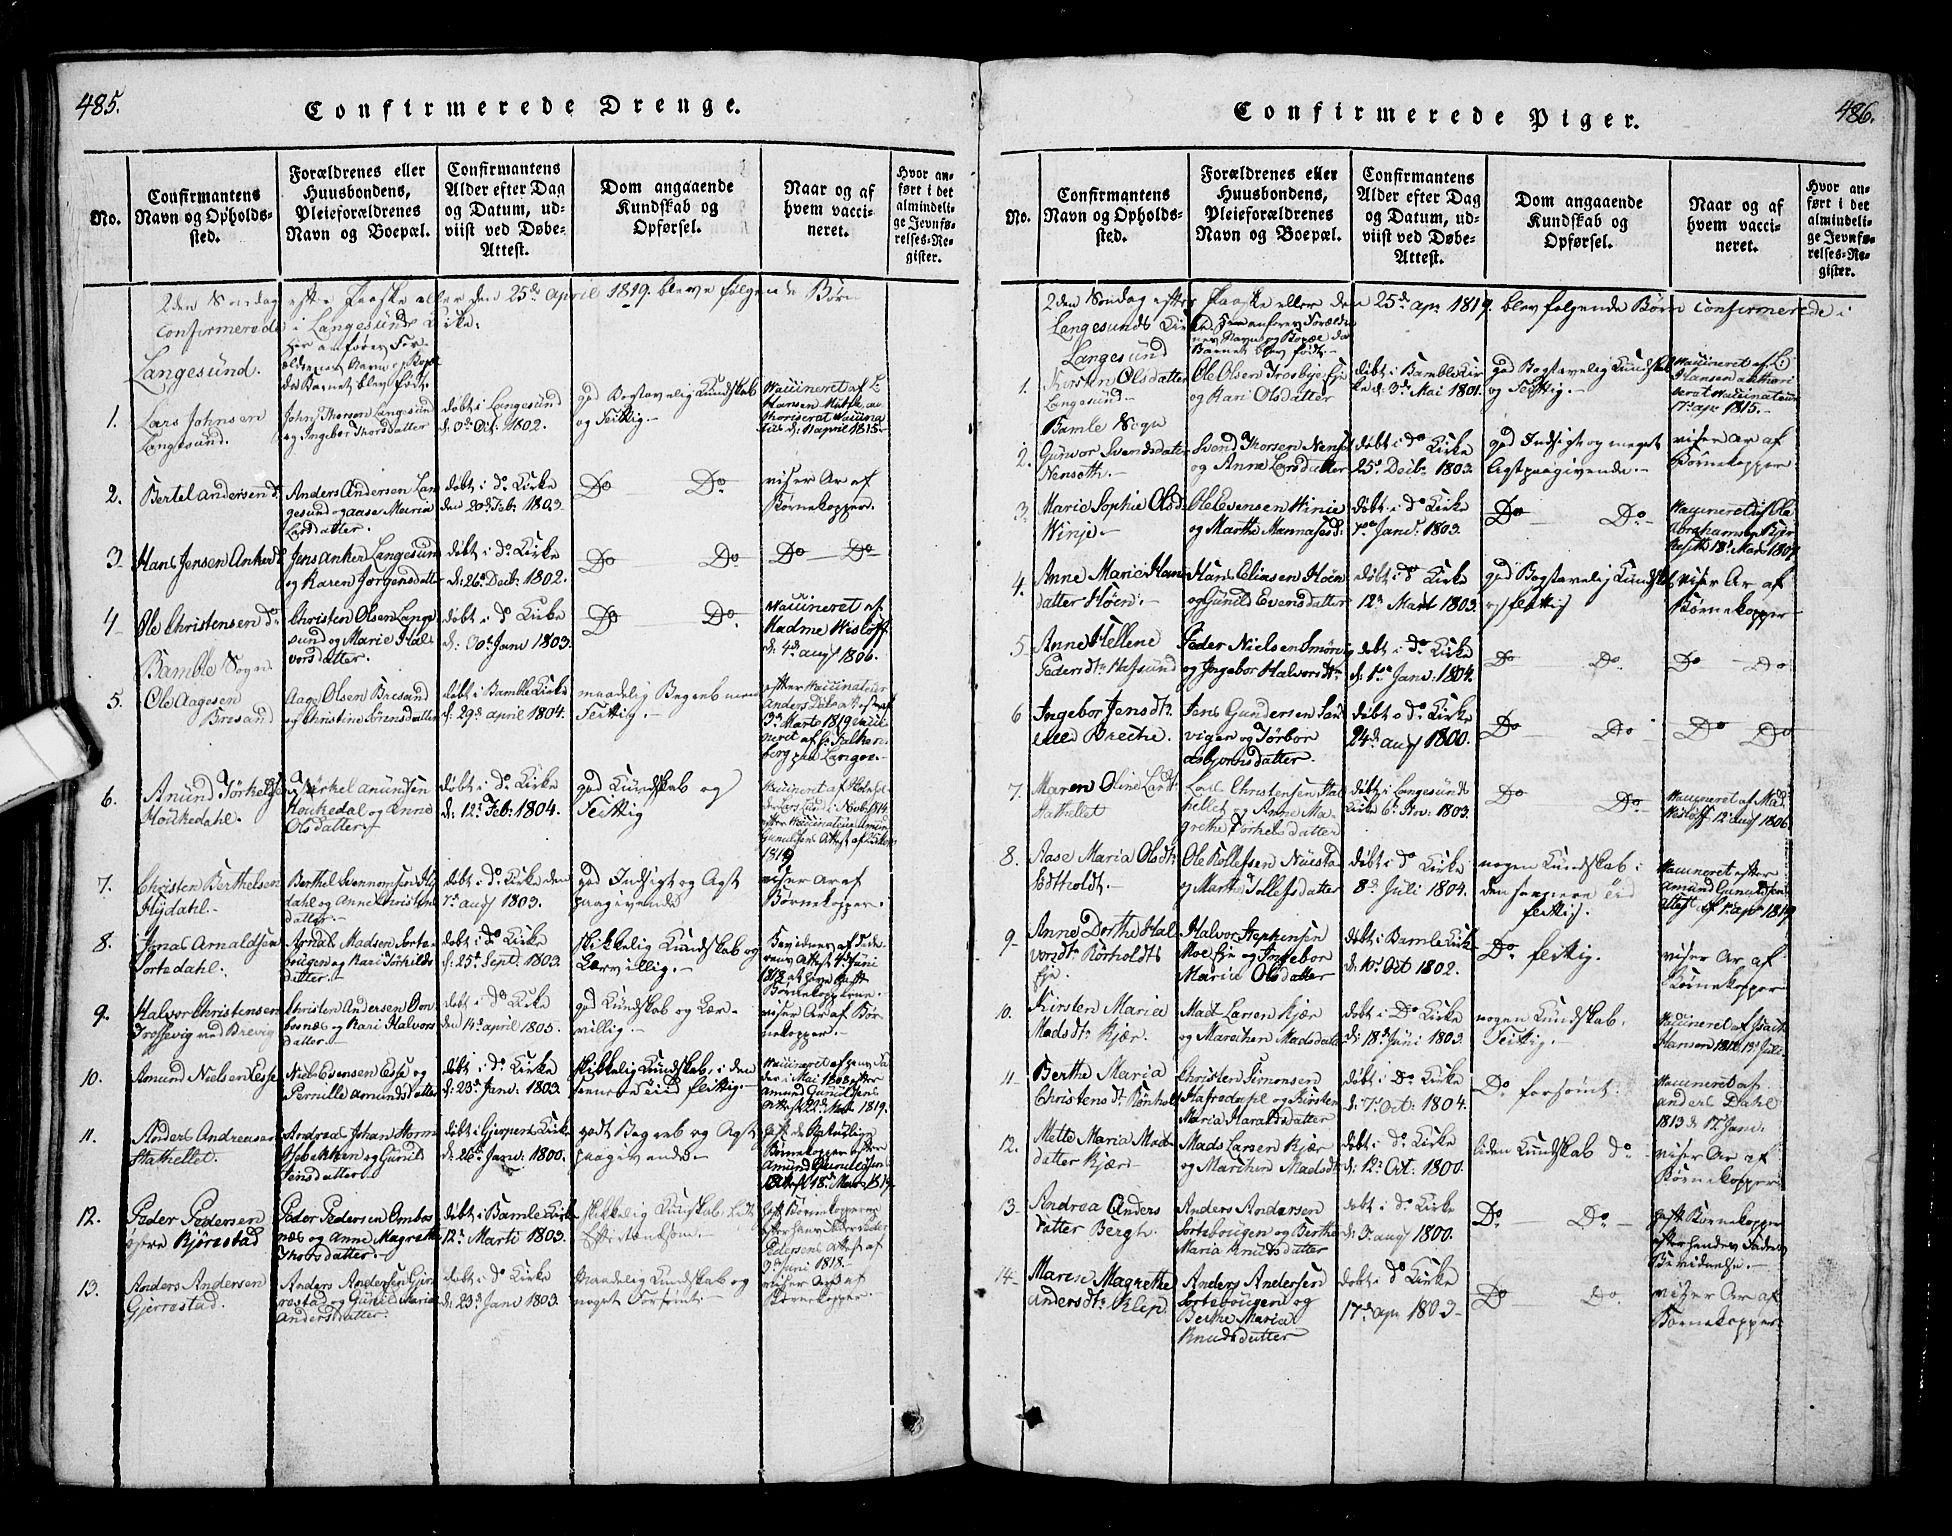 SAKO, Bamble kirkebøker, G/Ga/L0005: Klokkerbok nr. I 5, 1814-1855, s. 485-486